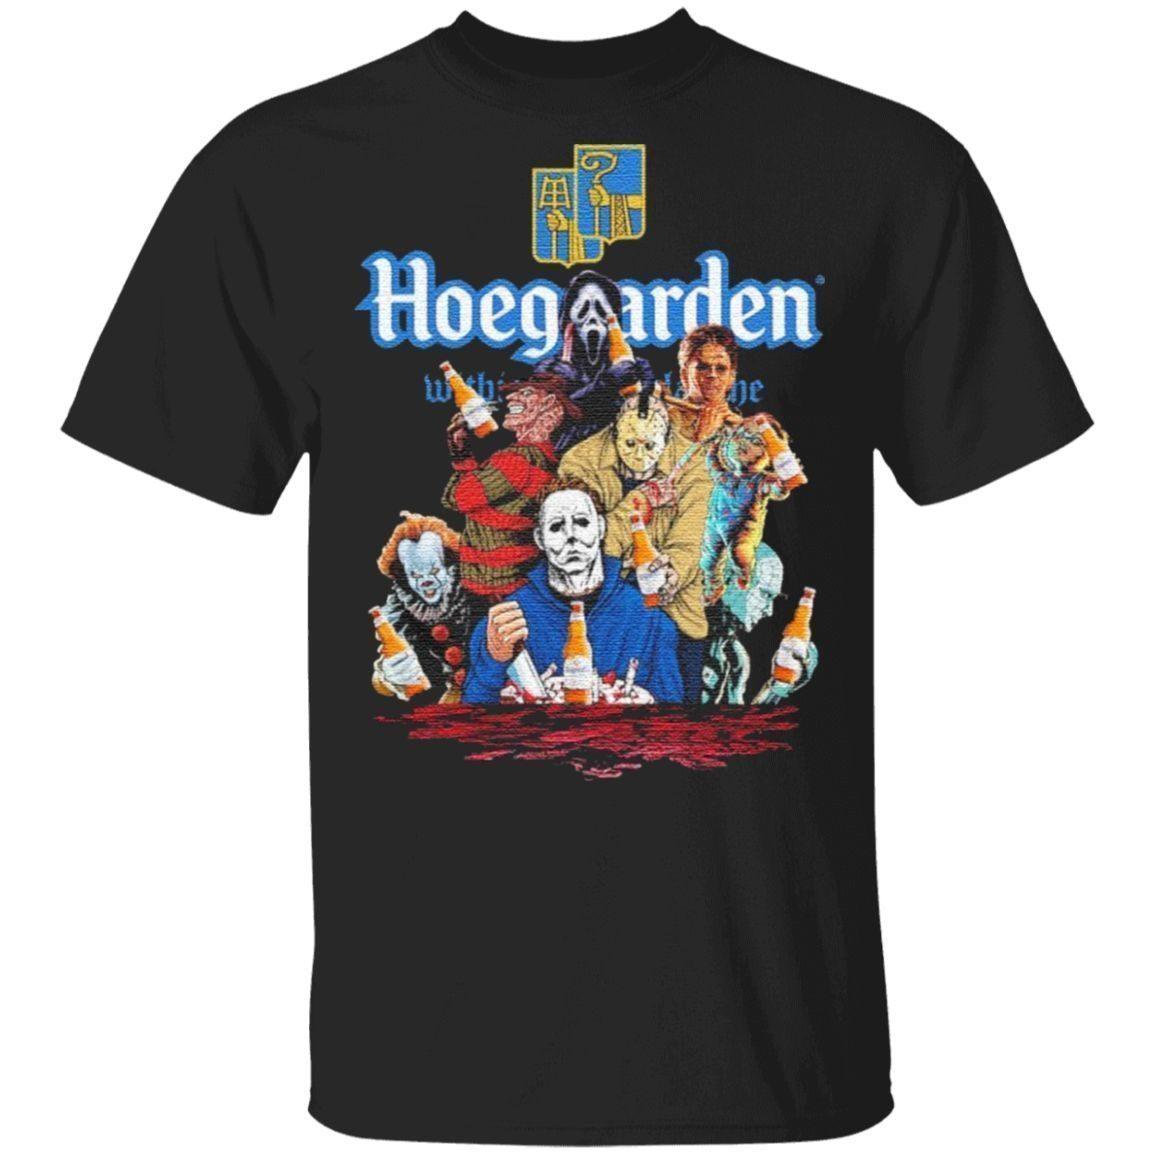 Hoegaarden drink Horror movie characters Halloween t shirt